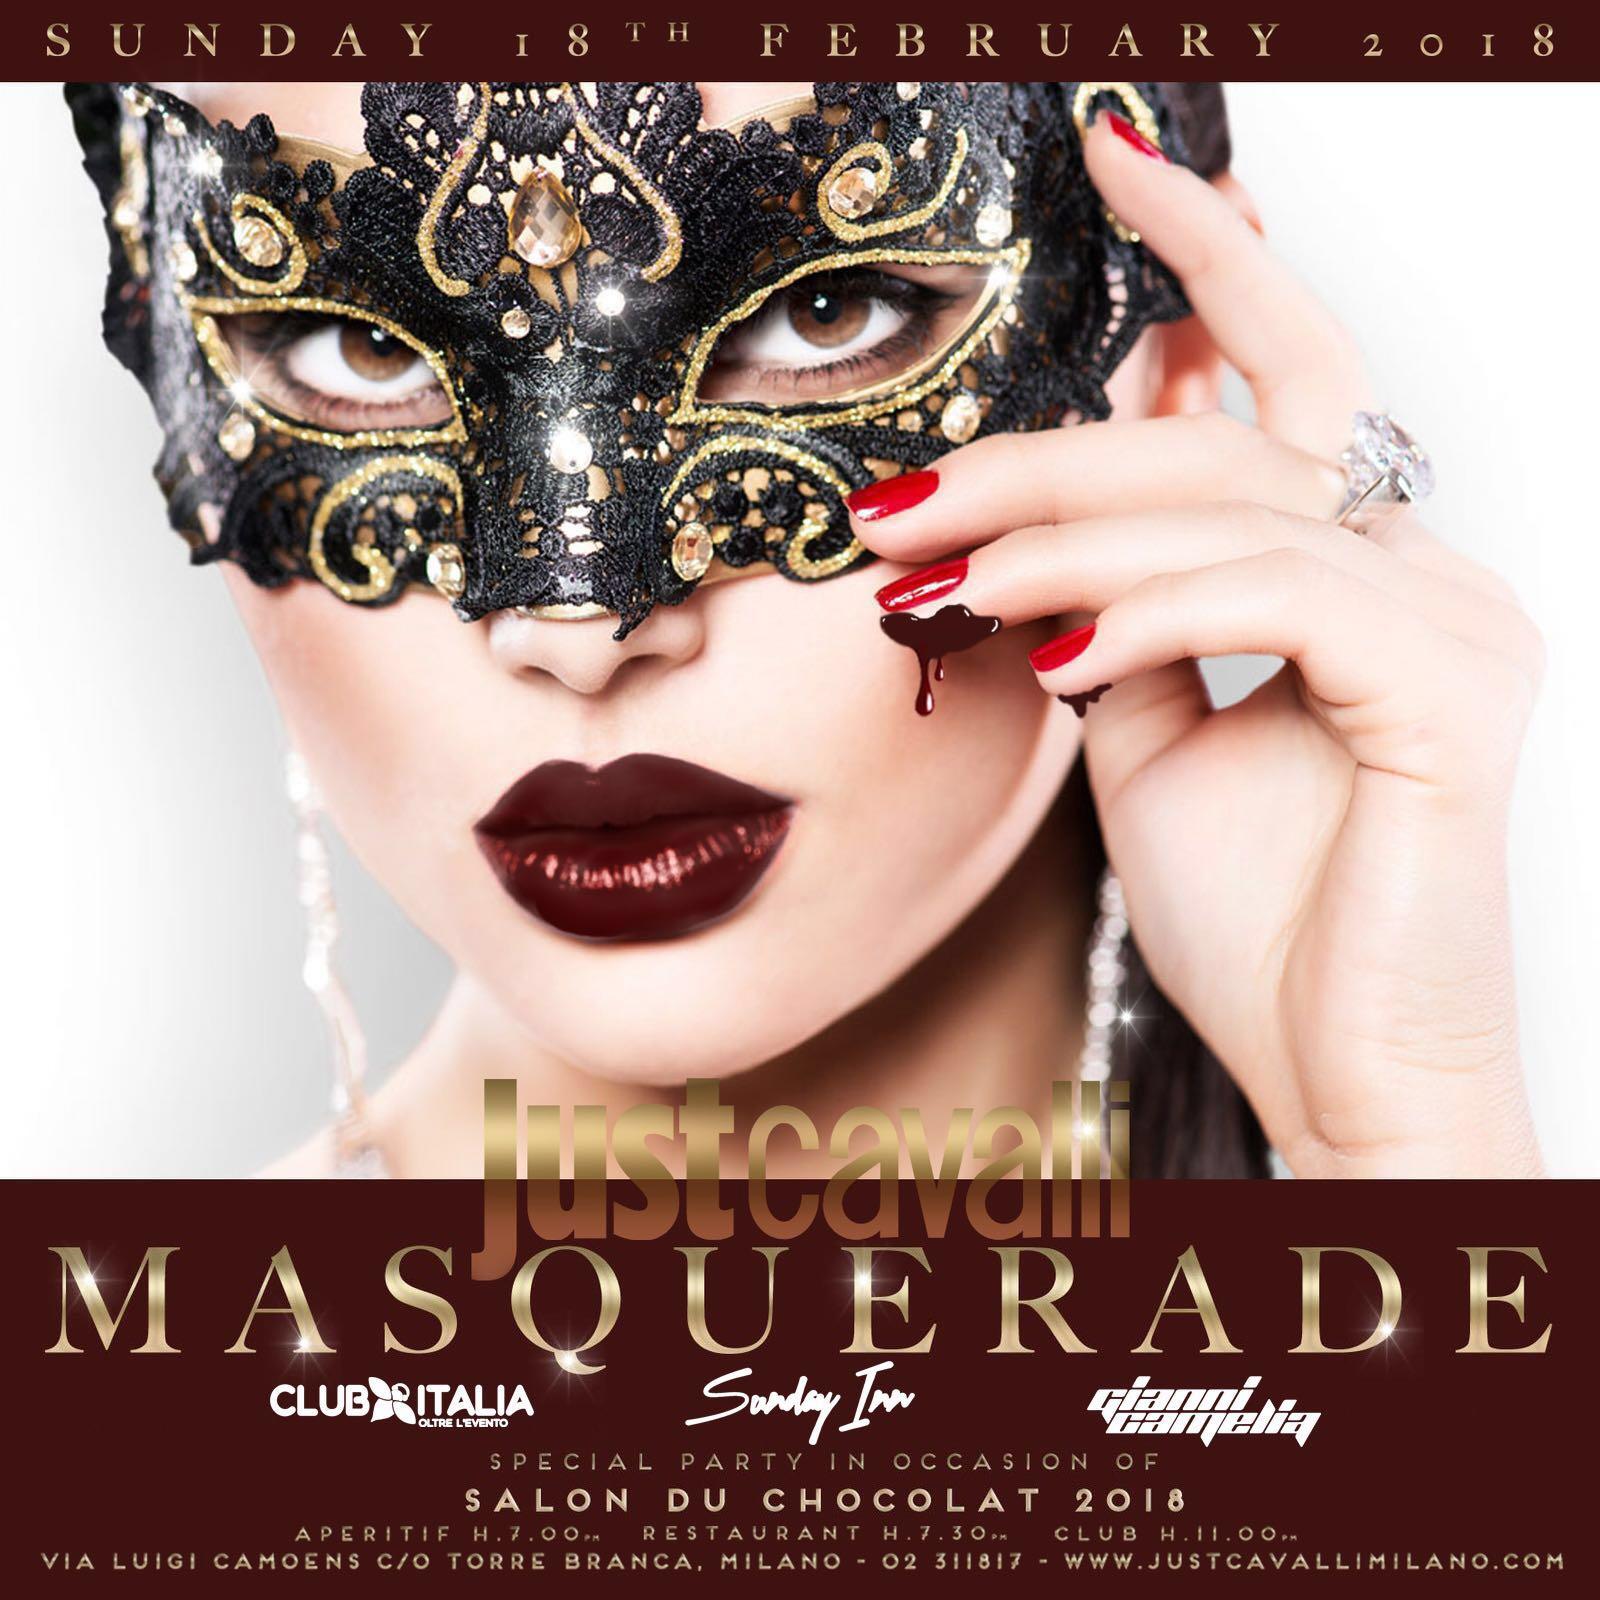 Foto: Domenica Just Cavalli Milano Masquerade